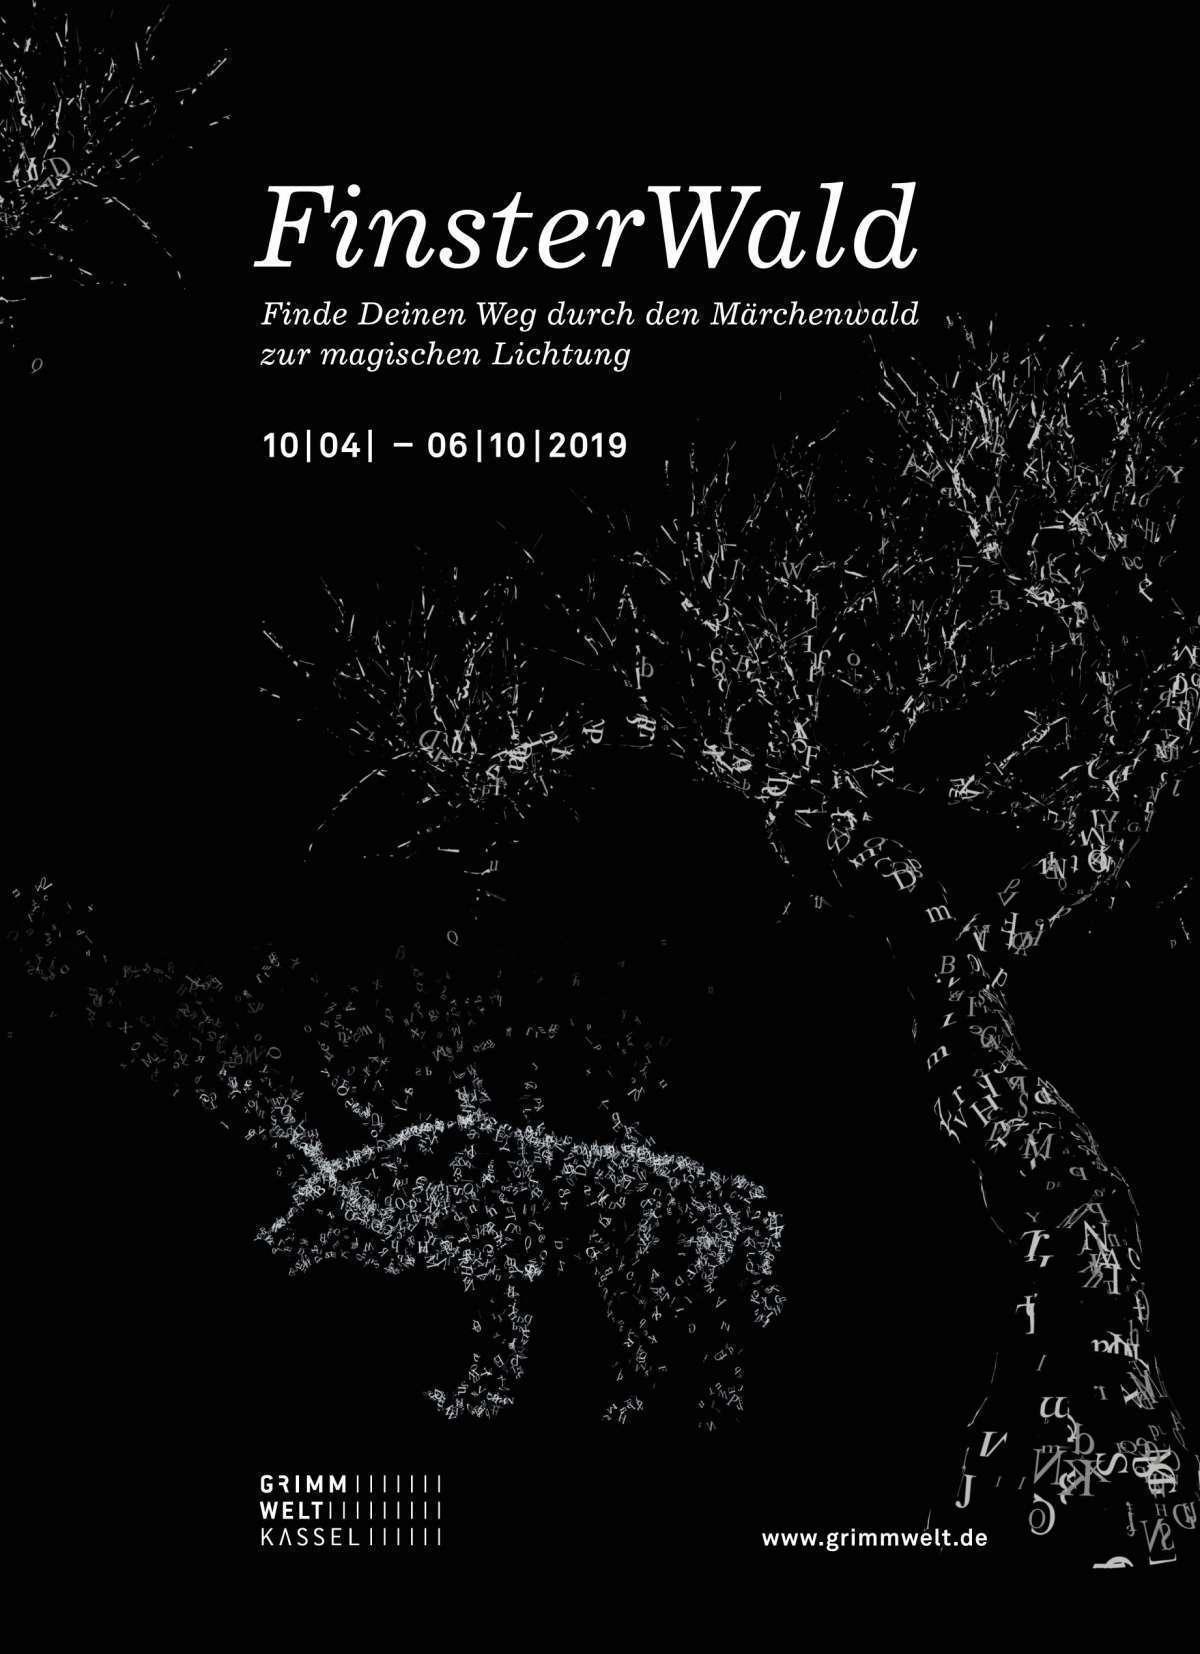 Veranstaltungen & Events am »Montag, 23. September 2019« in deiner Nähe...